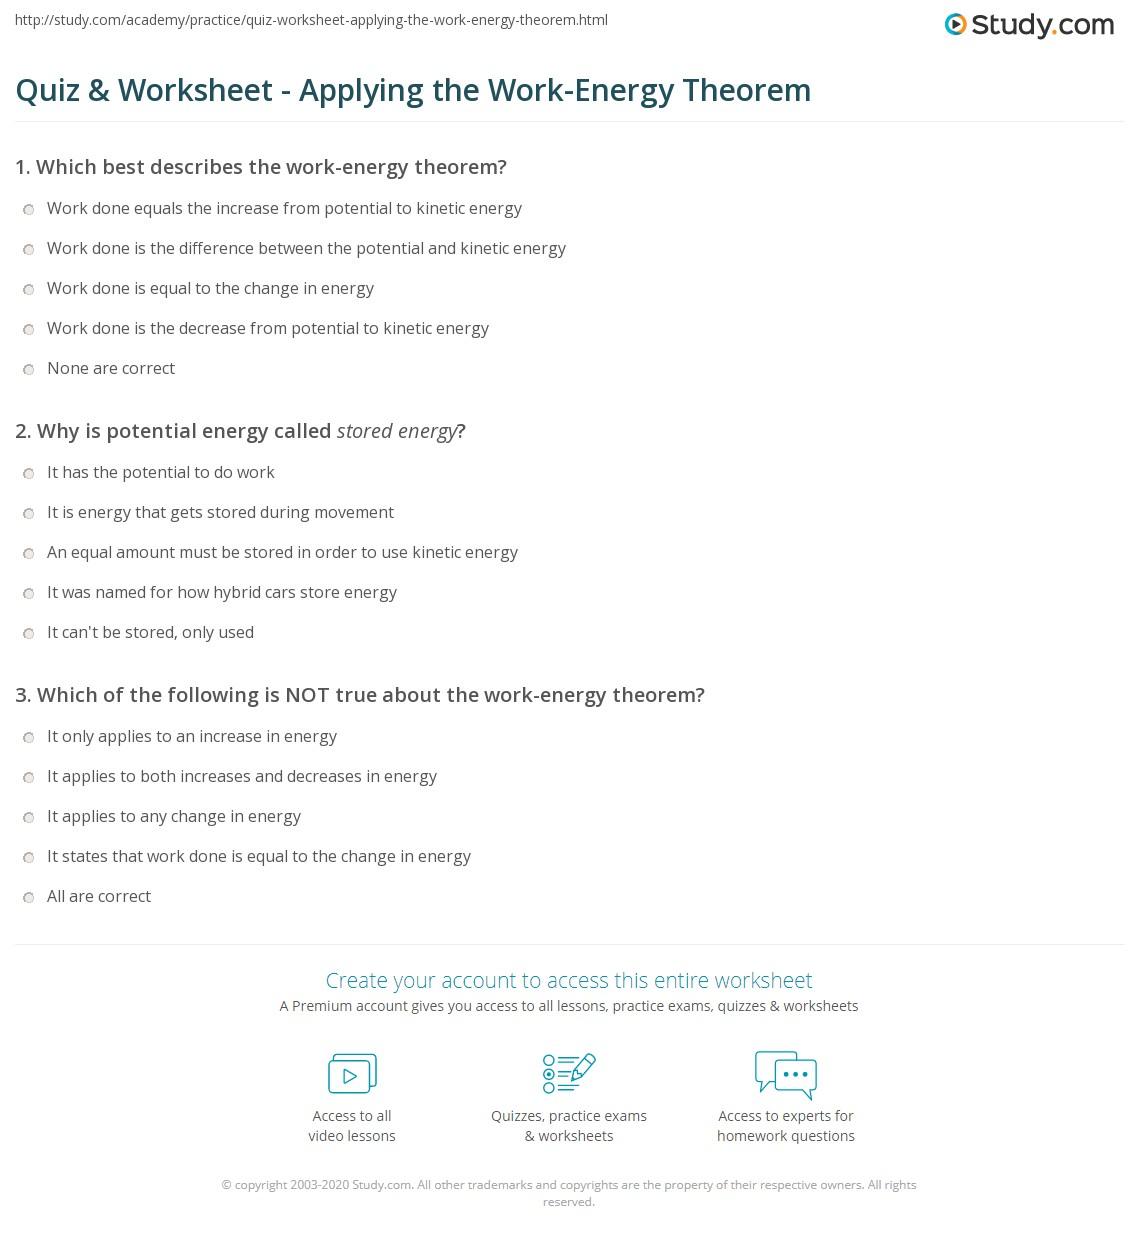 Quiz W Ksheet Pply G W K Energy Em Study